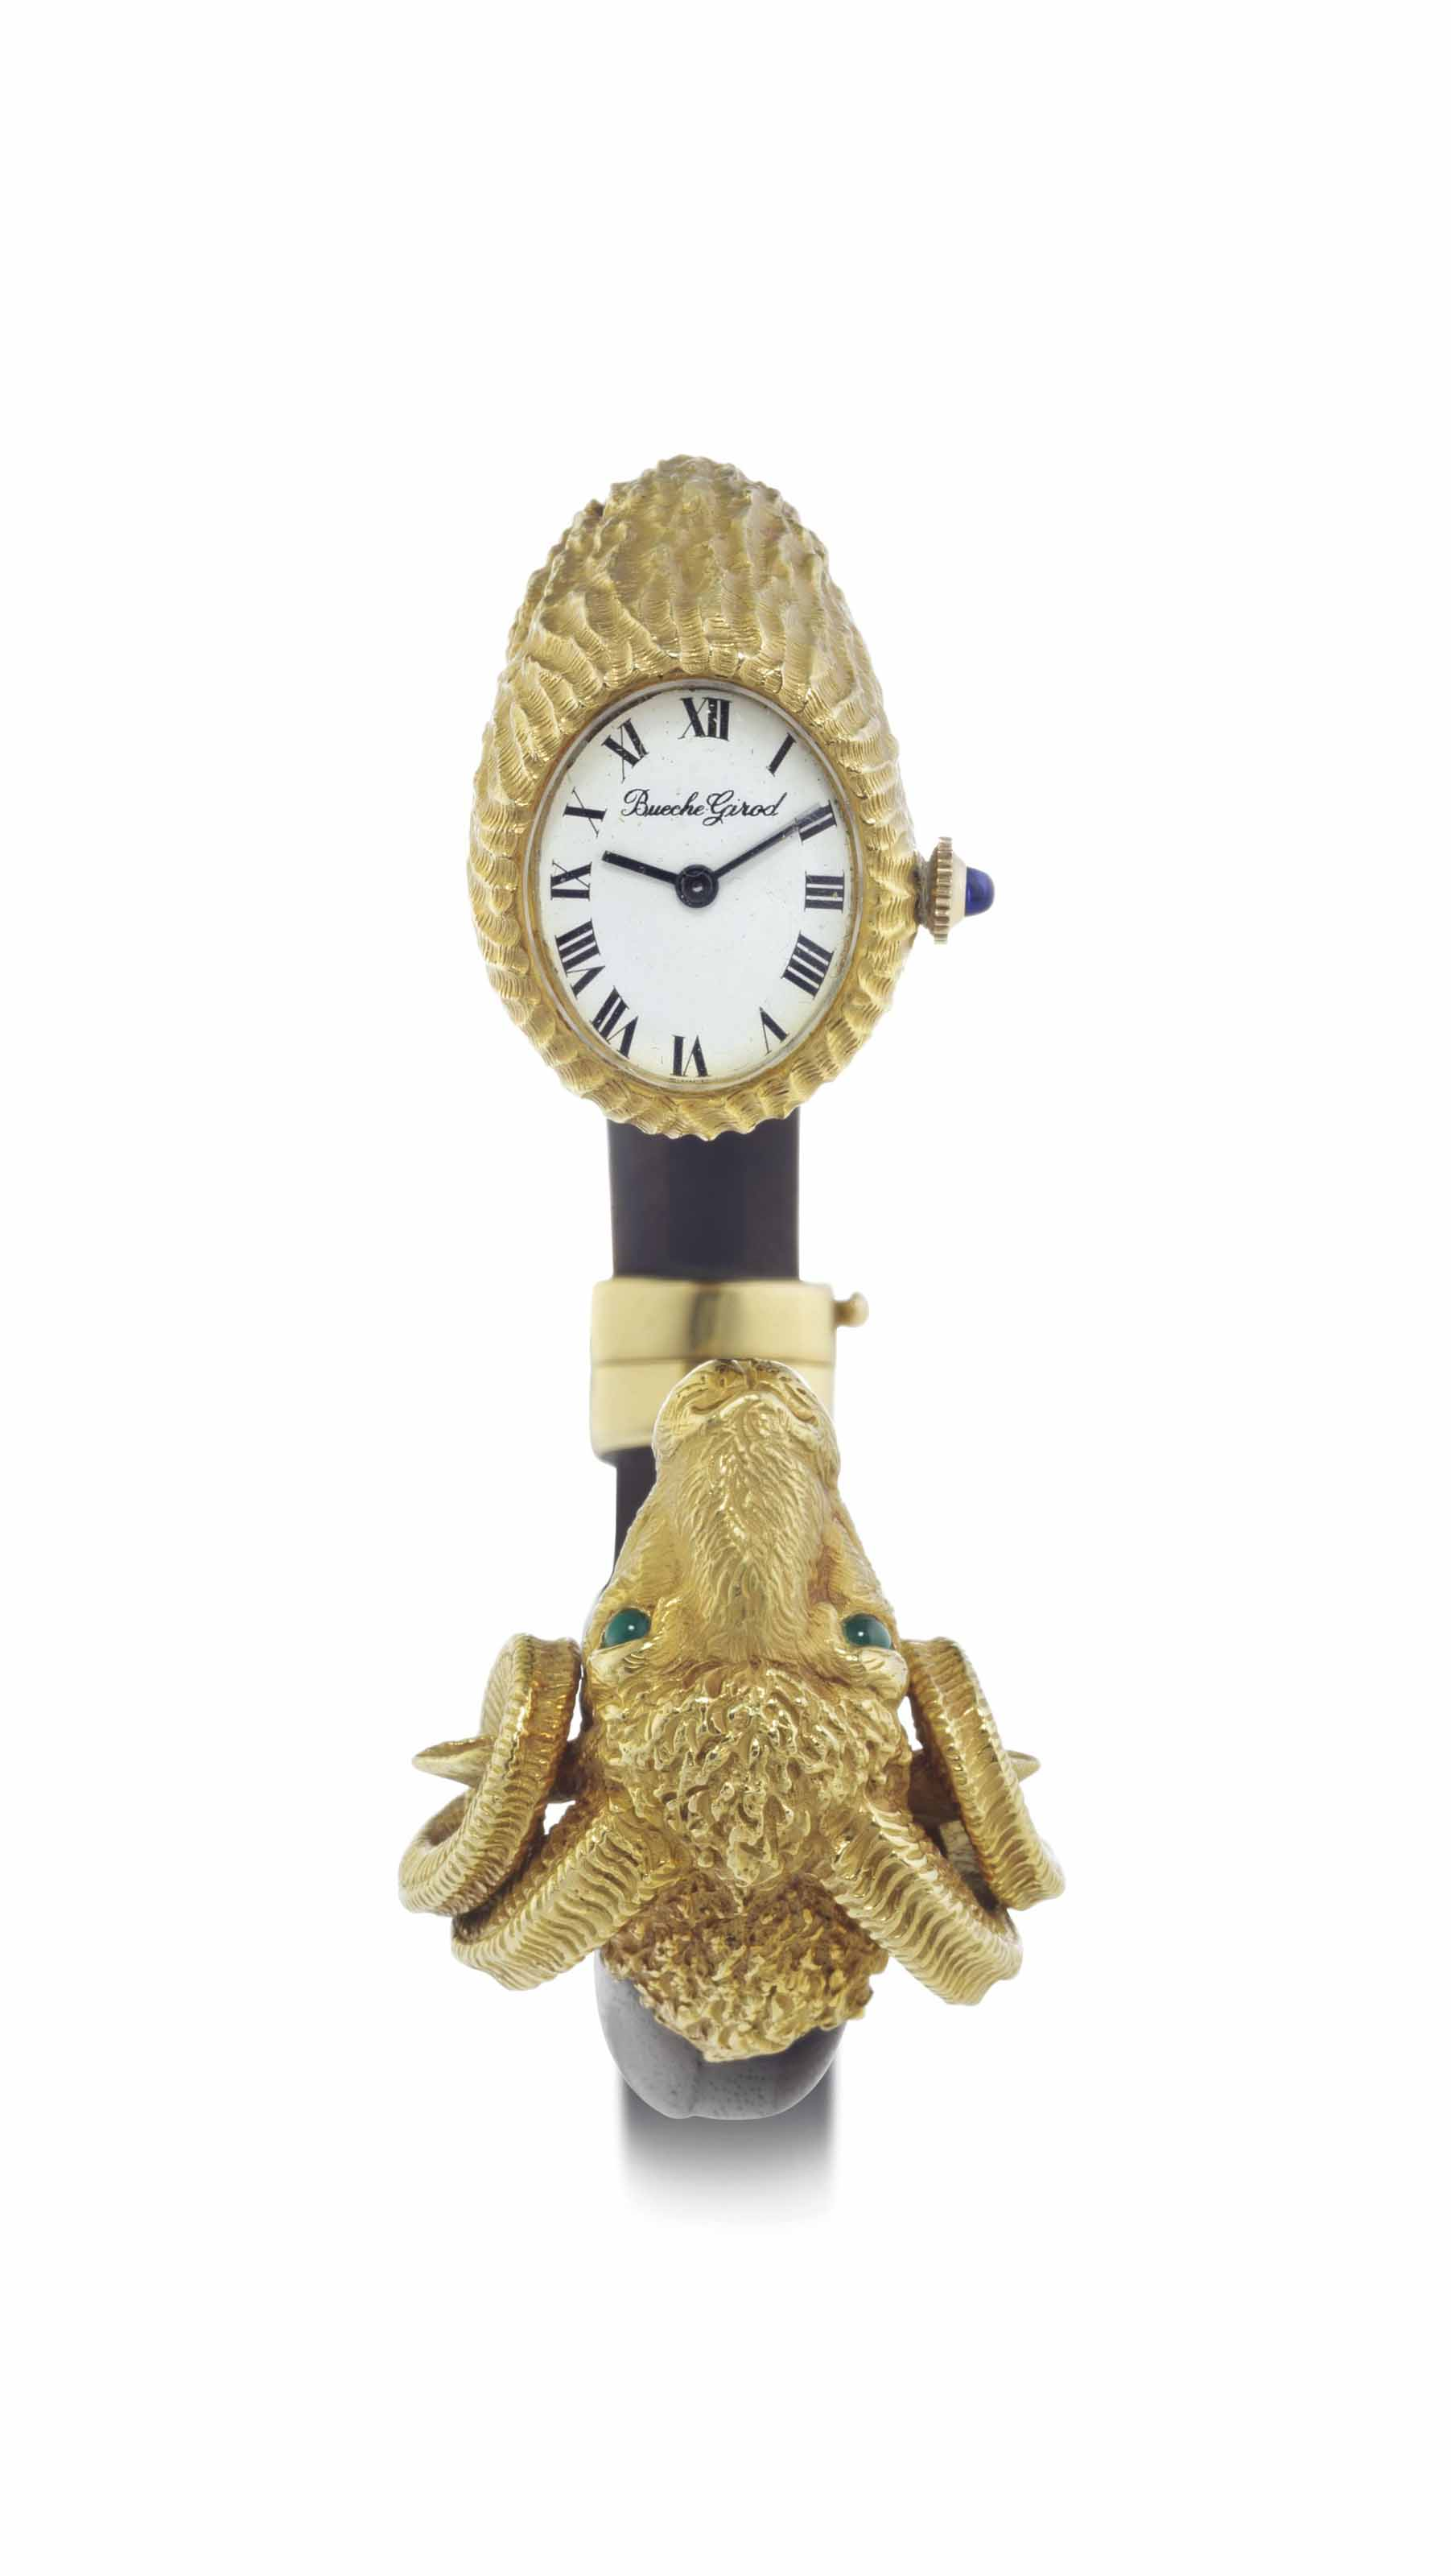 Bueche-Girod. A Lady's Fine 18k Gold, Emerald and Wood Ram's Head Bracelet Watch